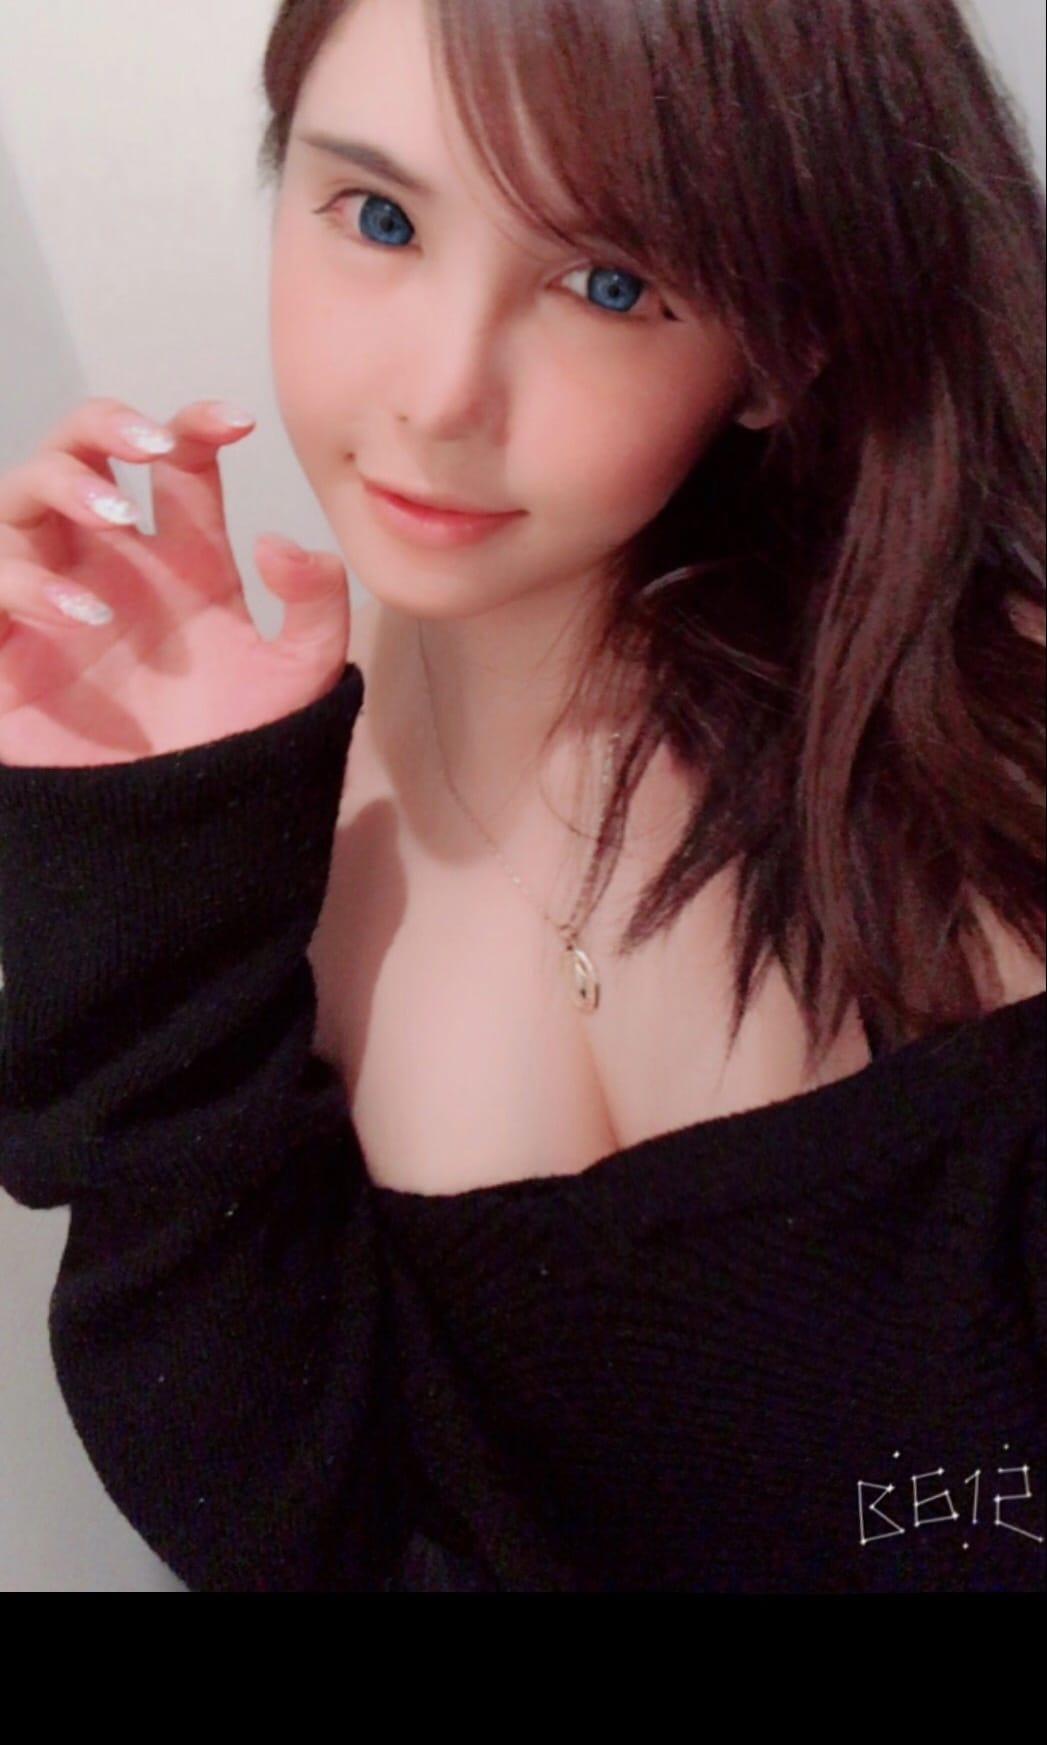 「出勤したよ❤️」03/13(03/13) 13:14 | Riricaの写メ・風俗動画